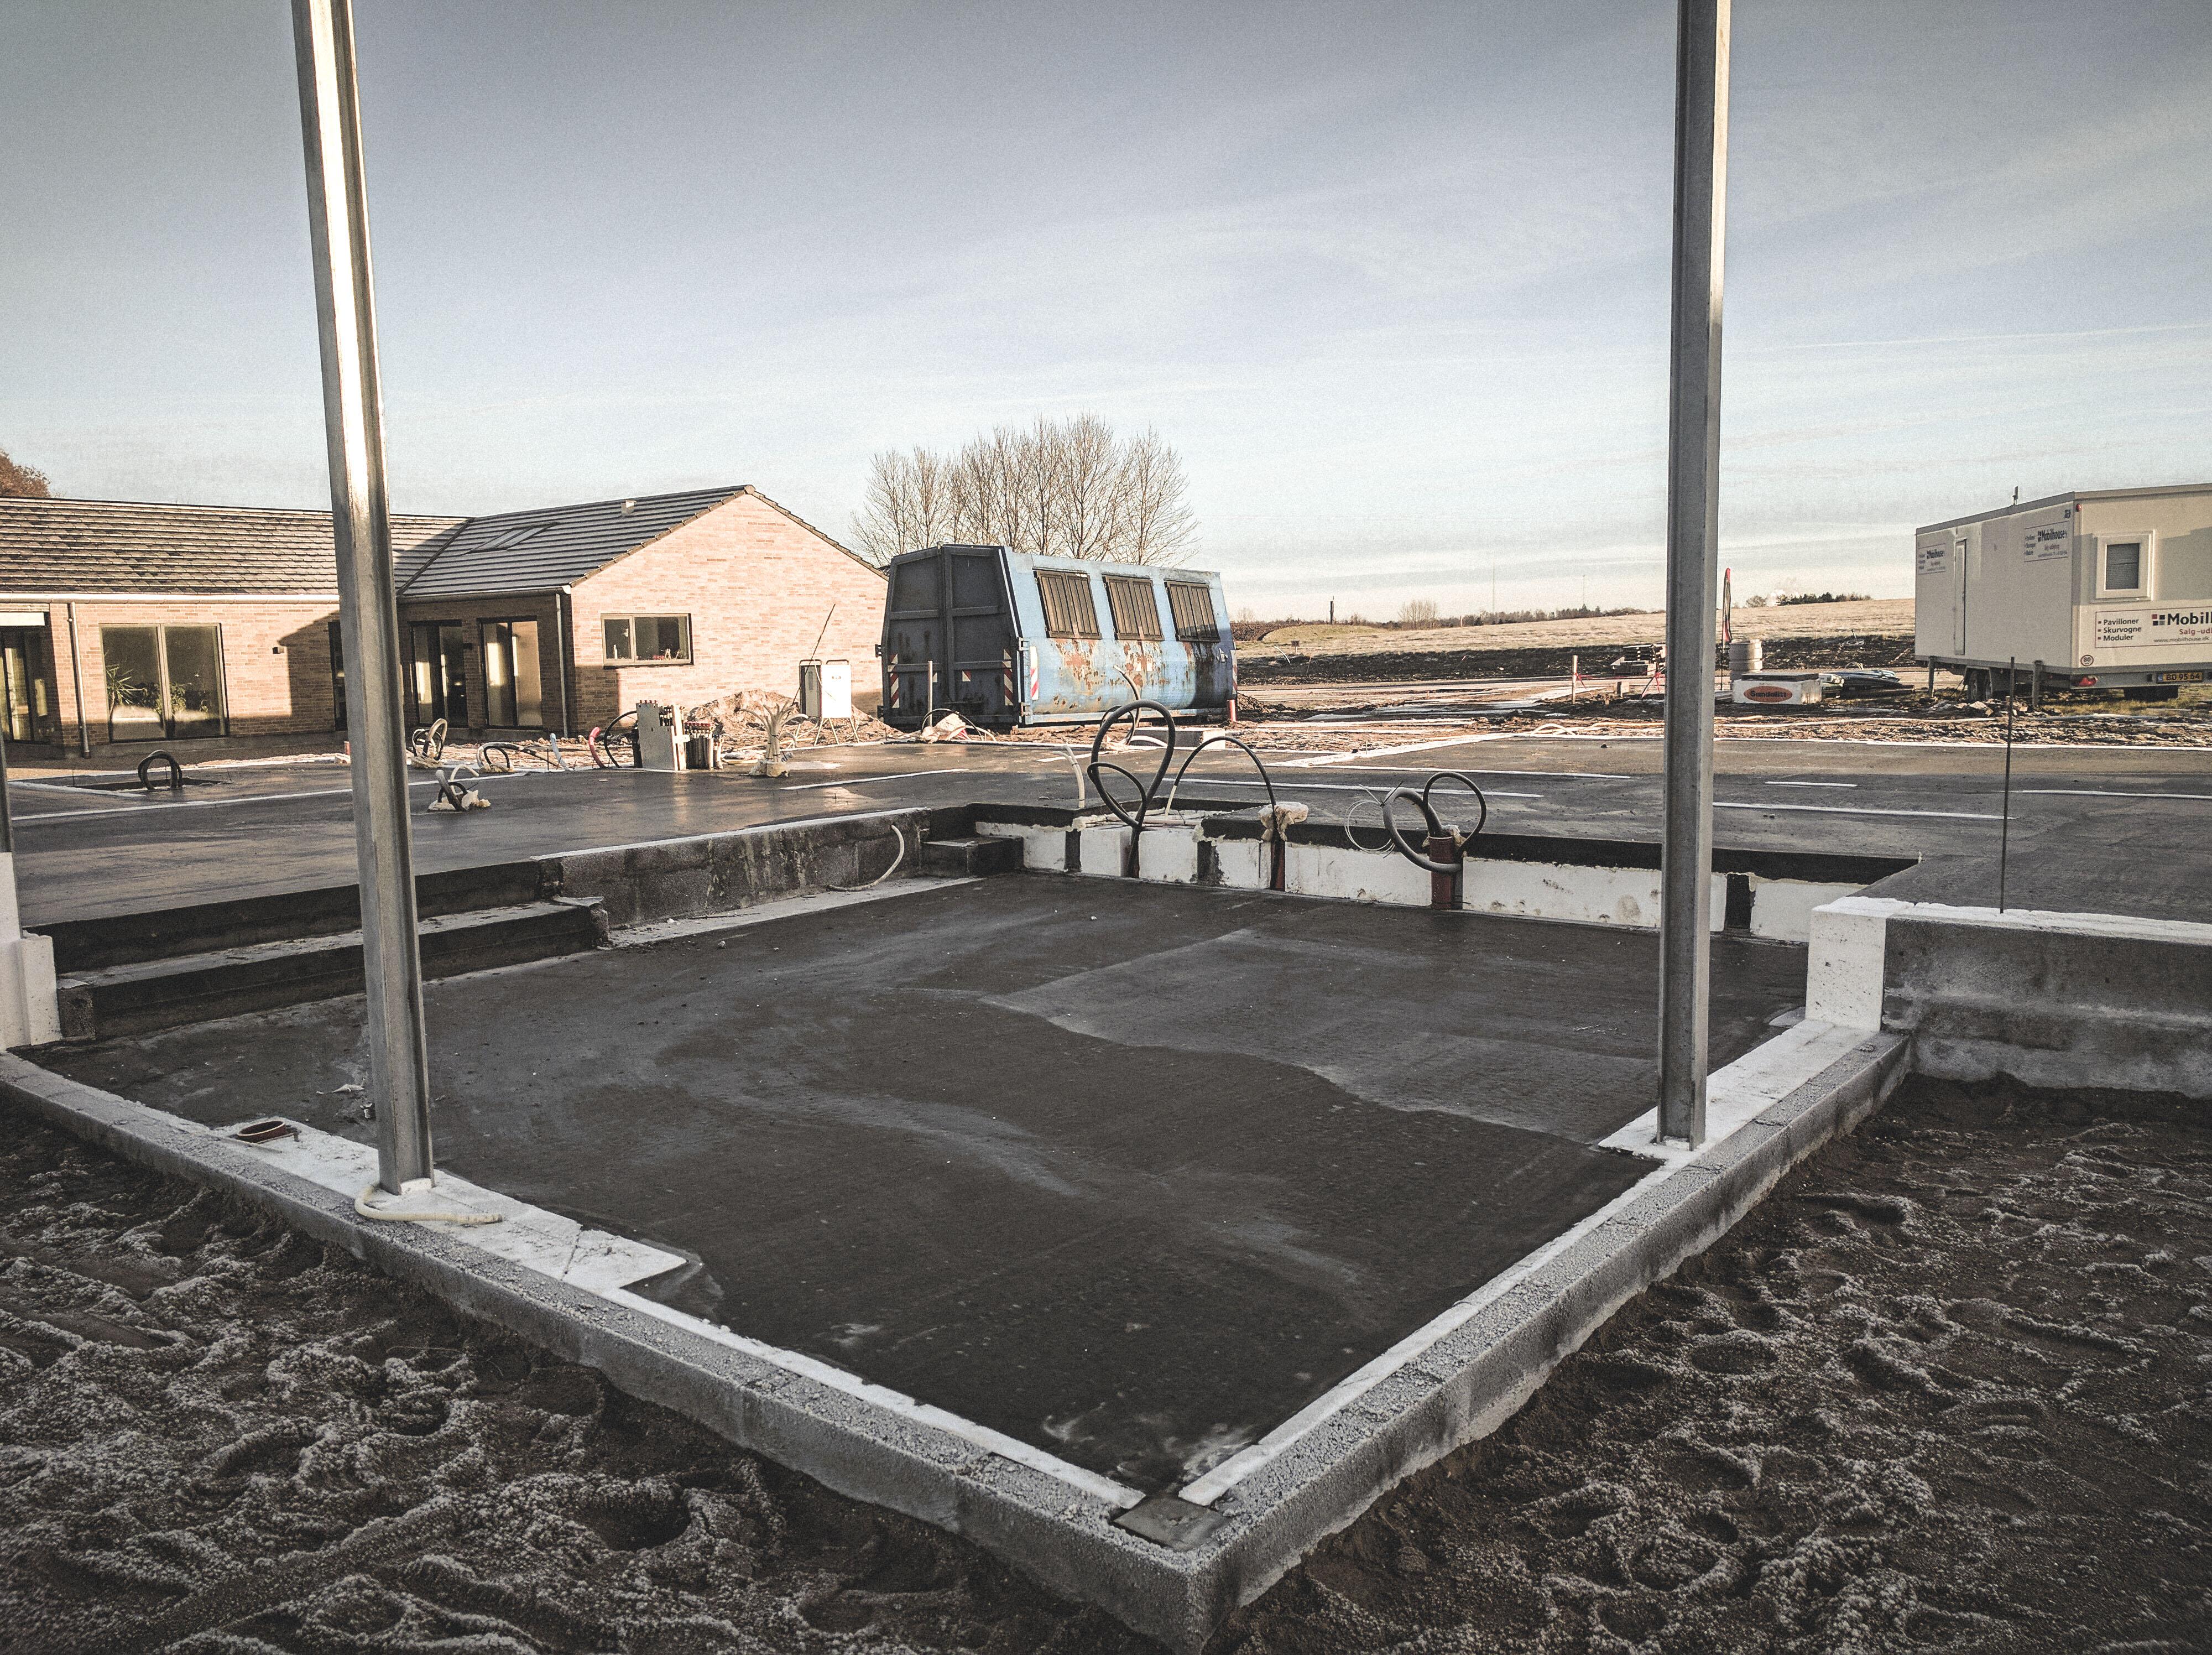 Billede af et igangværende byggeri i Hvalsø, tegnet af arkitektfirmaet m2plus.